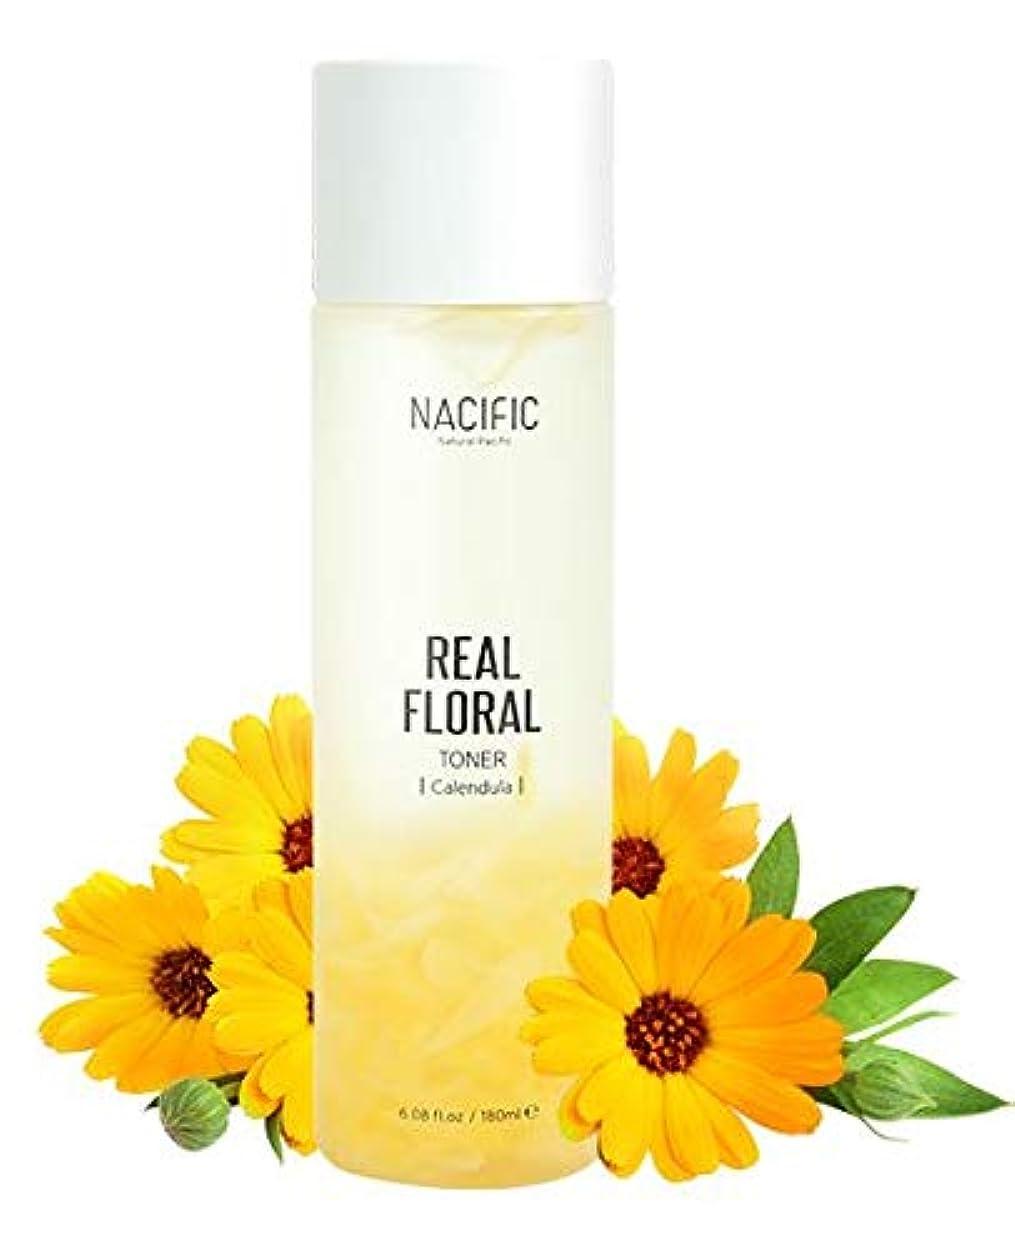 蓮ペースト服を着る[Nacific] Real Floral Toner(Calendula) 180ml /[ナシフィック] リアル フローラル トナー(カレンデュラ) 180ml [並行輸入品]